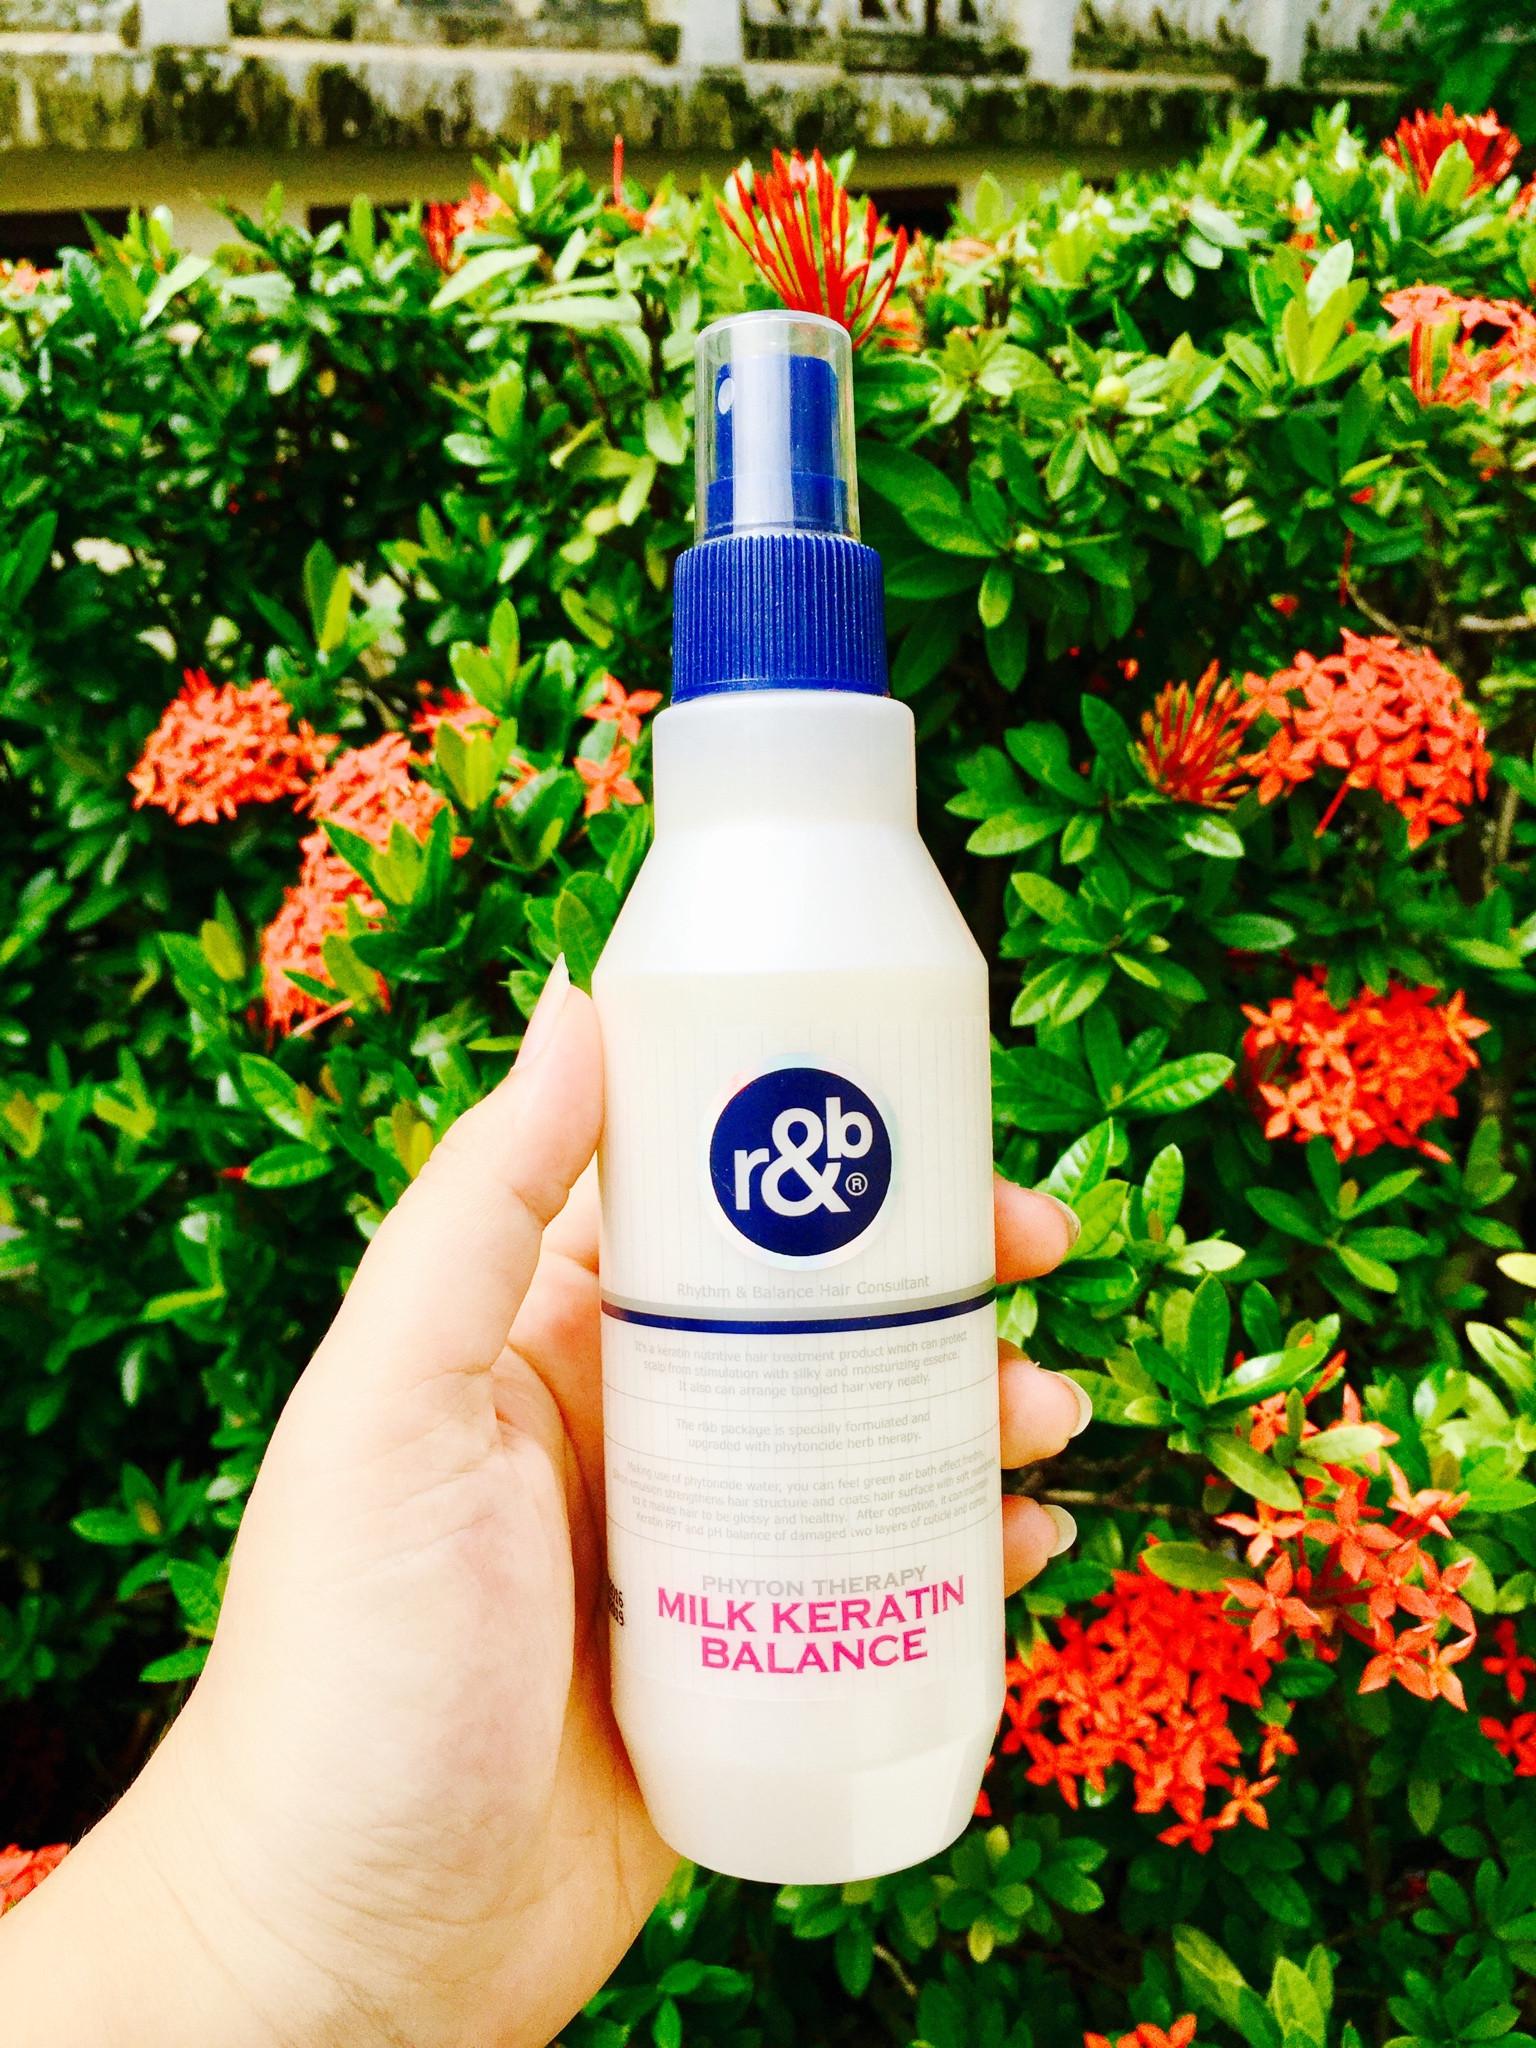 Nước dưỡng cân bằng tóc giúp dưỡng ẩm bảo vệ tóc, phục hồi tóc và da đầu bị hư tổn r&b milk keratin balance